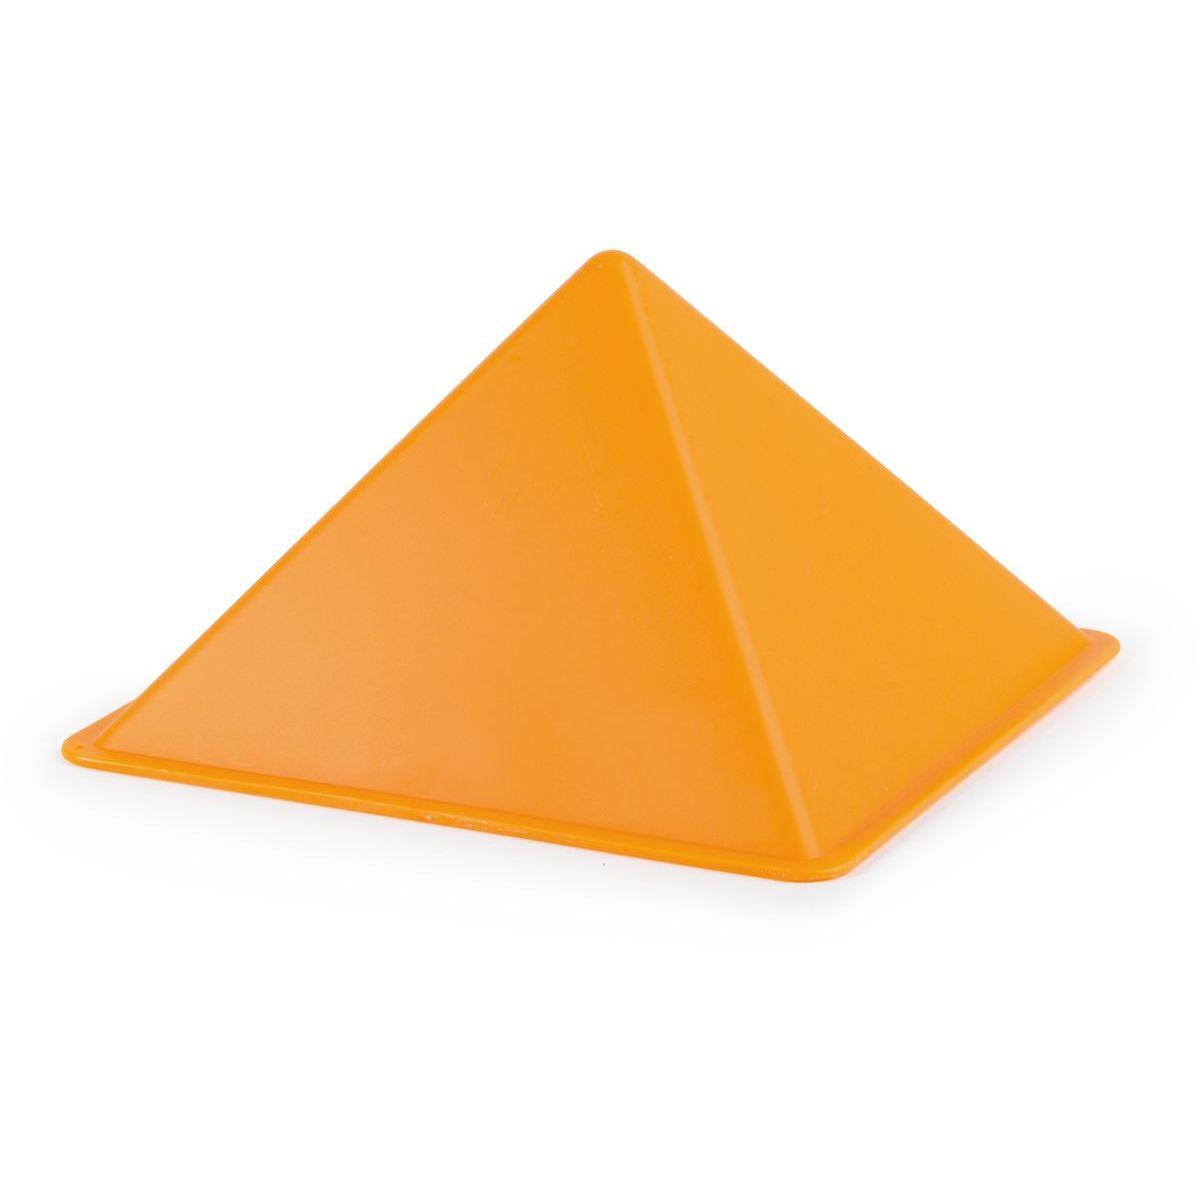 Hape Bábovička pyramida velká